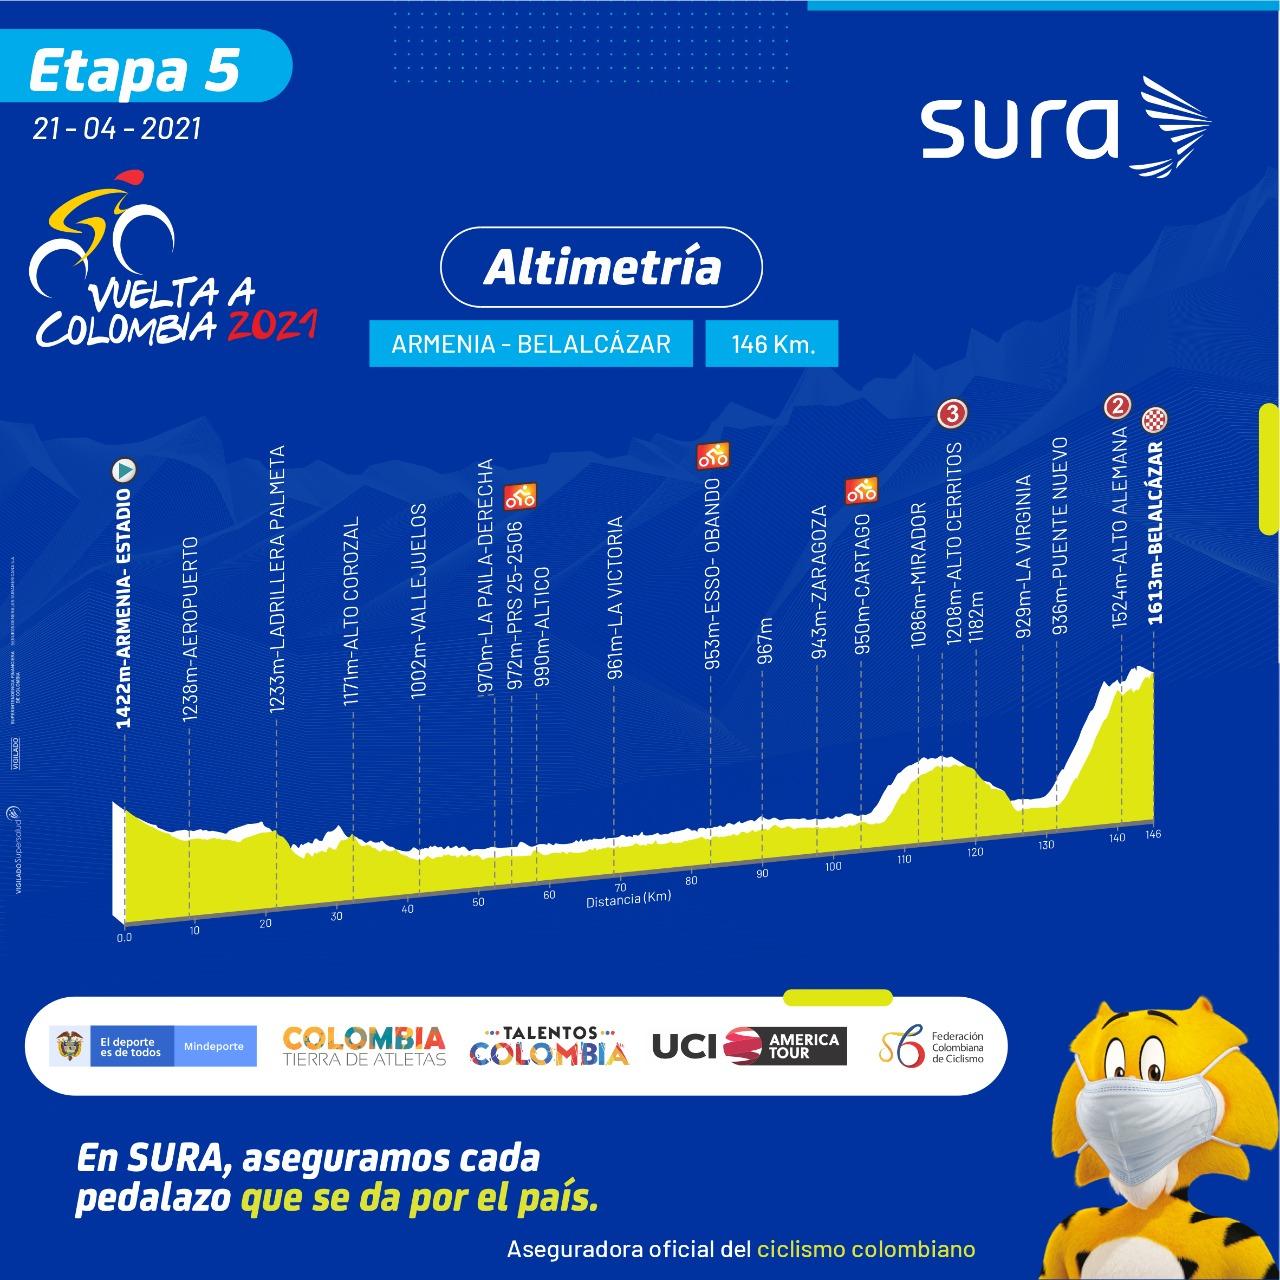 Etapa 5 Vuelta a Colombia 2021